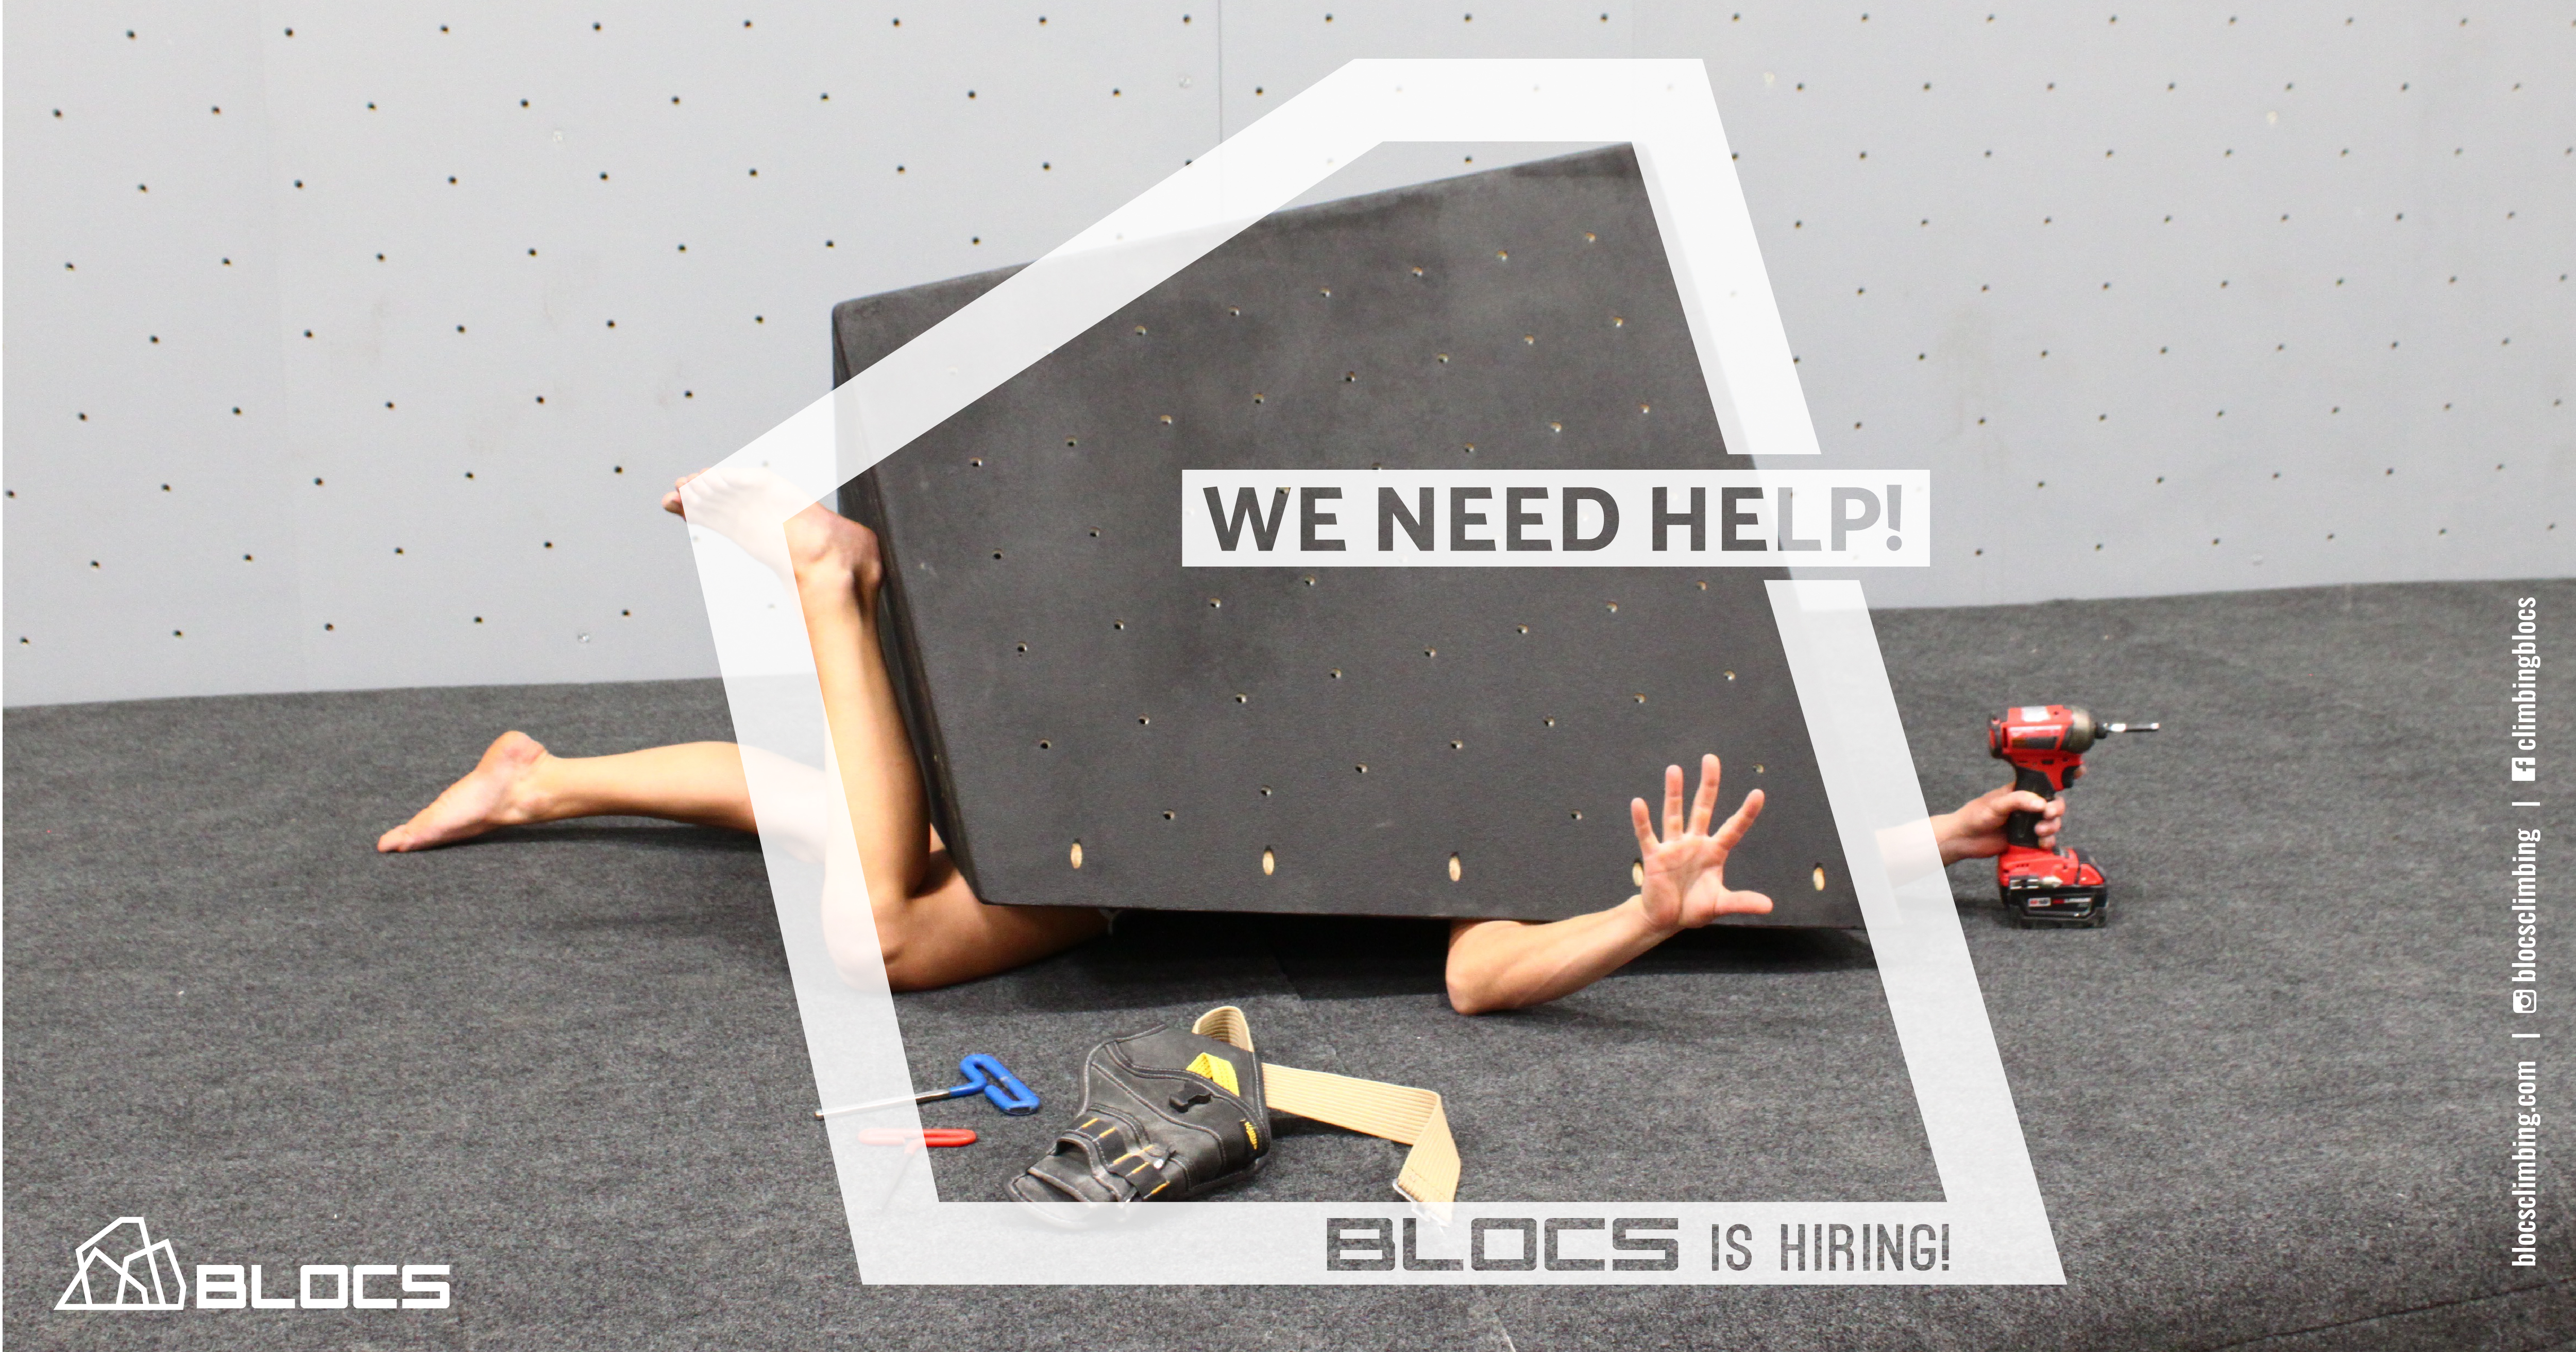 We Need Help!